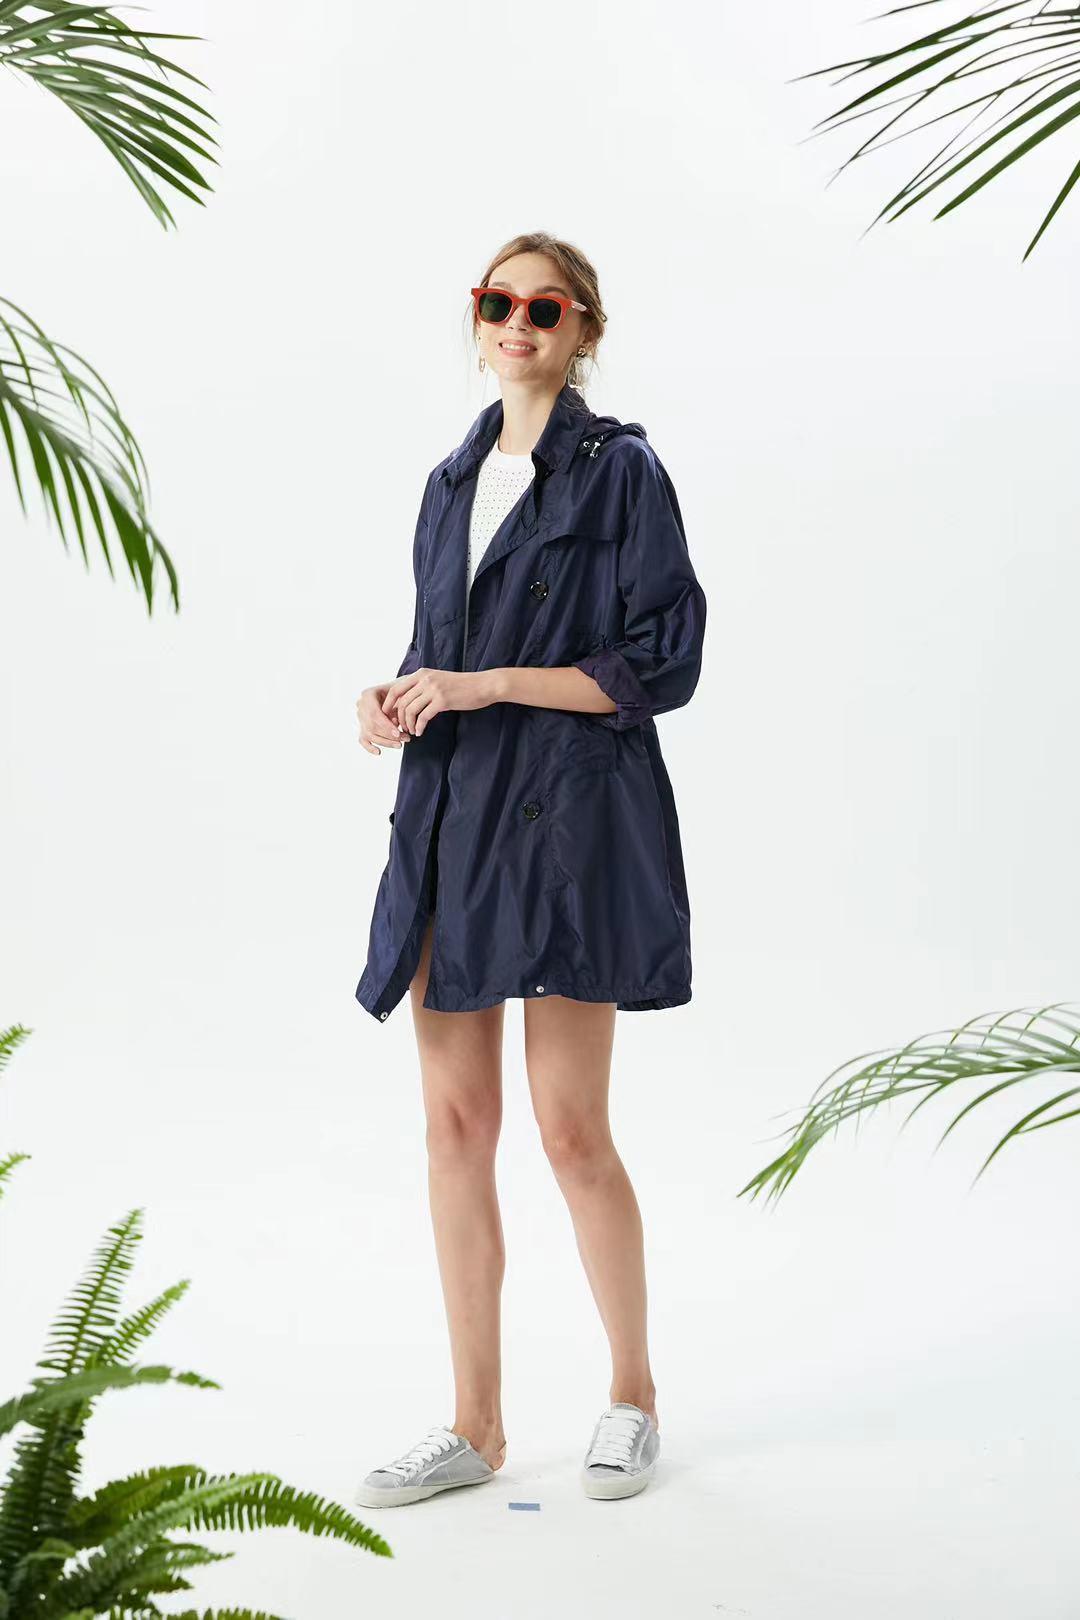 Женская одежда, ветровка, куртка, женский свободный тонкий дождевик оверсайз с капюшоном, Женская дождевая куртка, Женский Тренч оверсайз